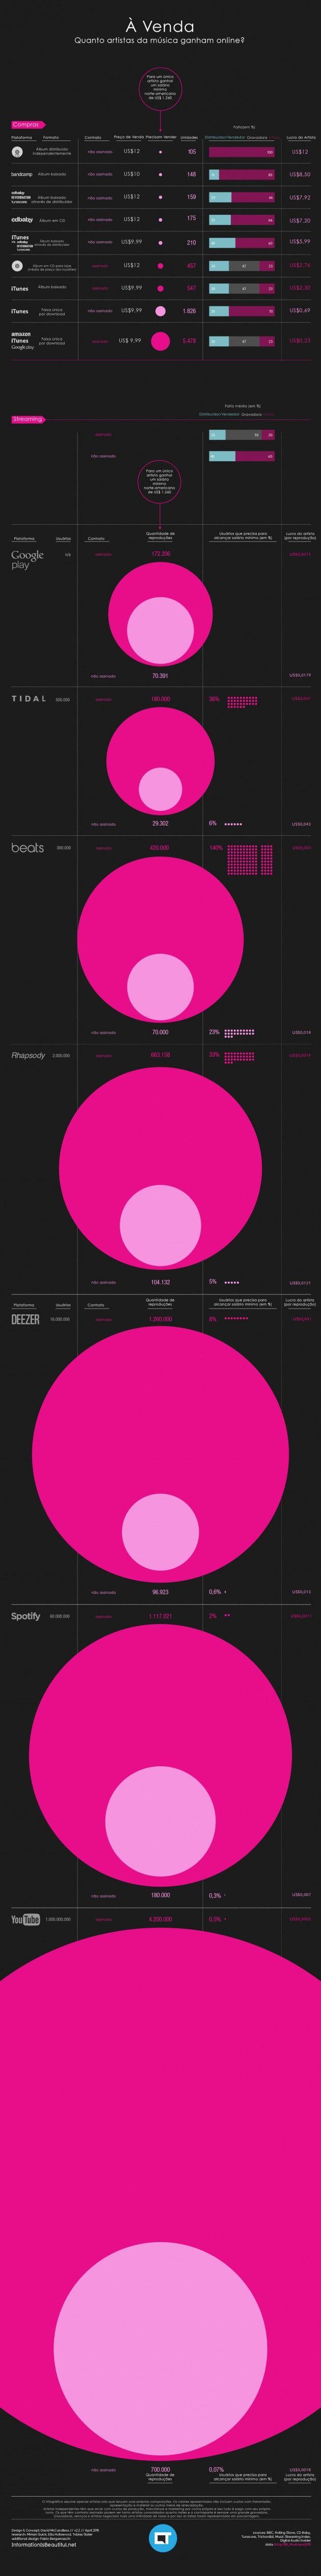 Infográfico mostra quanto cantores ganham por reprodução no Spotify e YouTube  Matéria completa: http://canaltech.com.br/noticia/musica/infografico-mostra-quanto-cantores-ganham-por-reproducao-no-spotify-e-youtube-39277/#ixzz3XO9LlAN6  O conteúdo do Canaltech é protegido sob a licença Creative Commons (CC BY-NC-ND). Você pode reproduzi-lo, desde que insira créditos COM O LINK para o conteúdo original e não faça uso comercial de nossa produção.